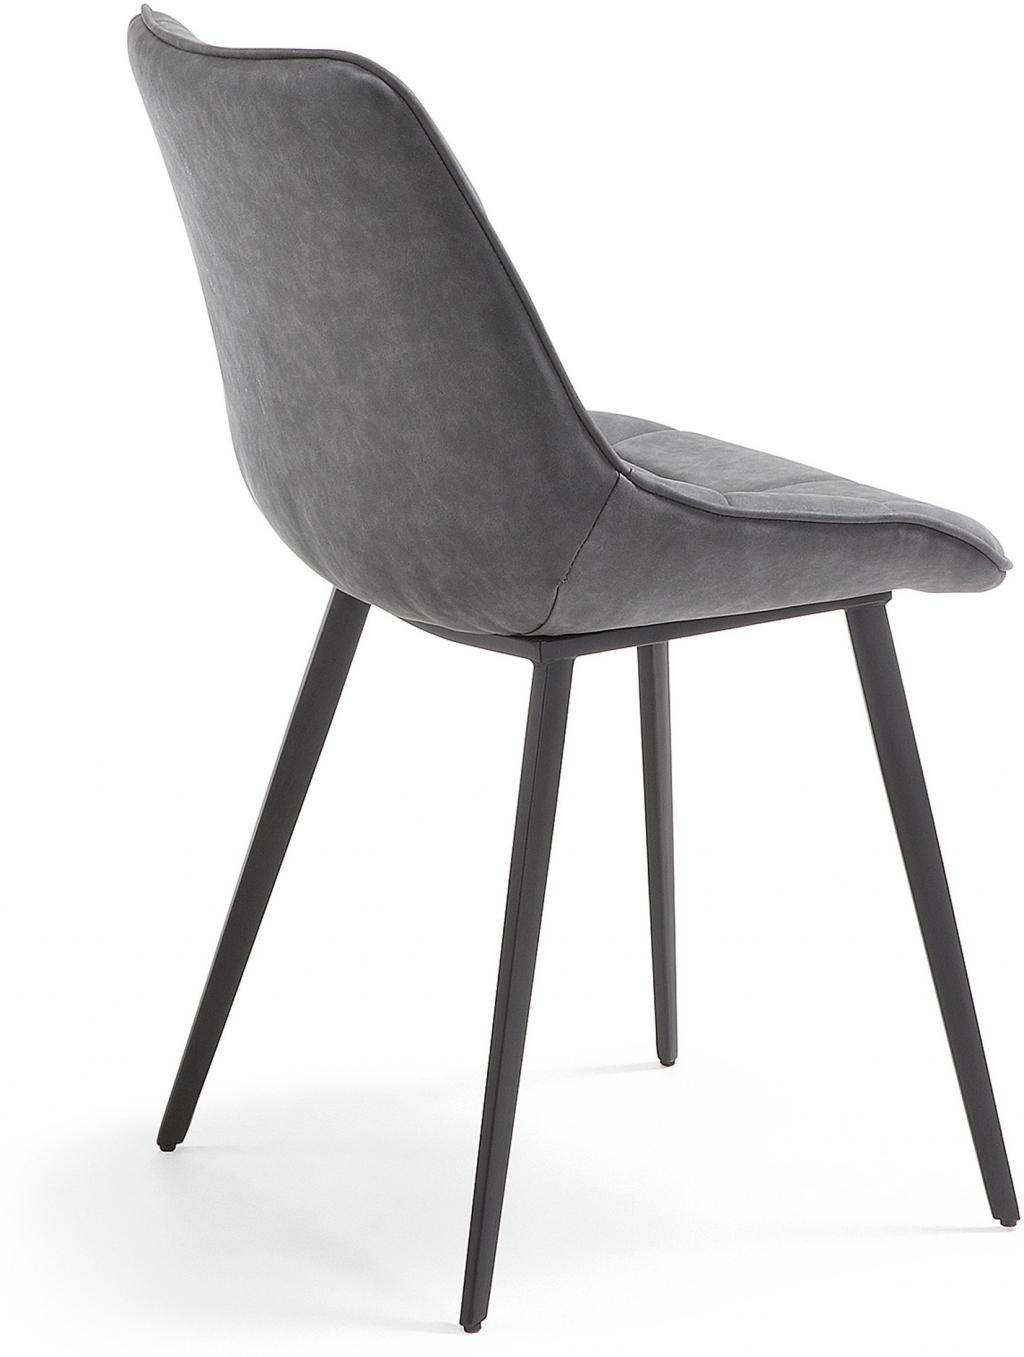 Bezaubernd Stuhl Leder Grau Galerie Von Alle Fotos